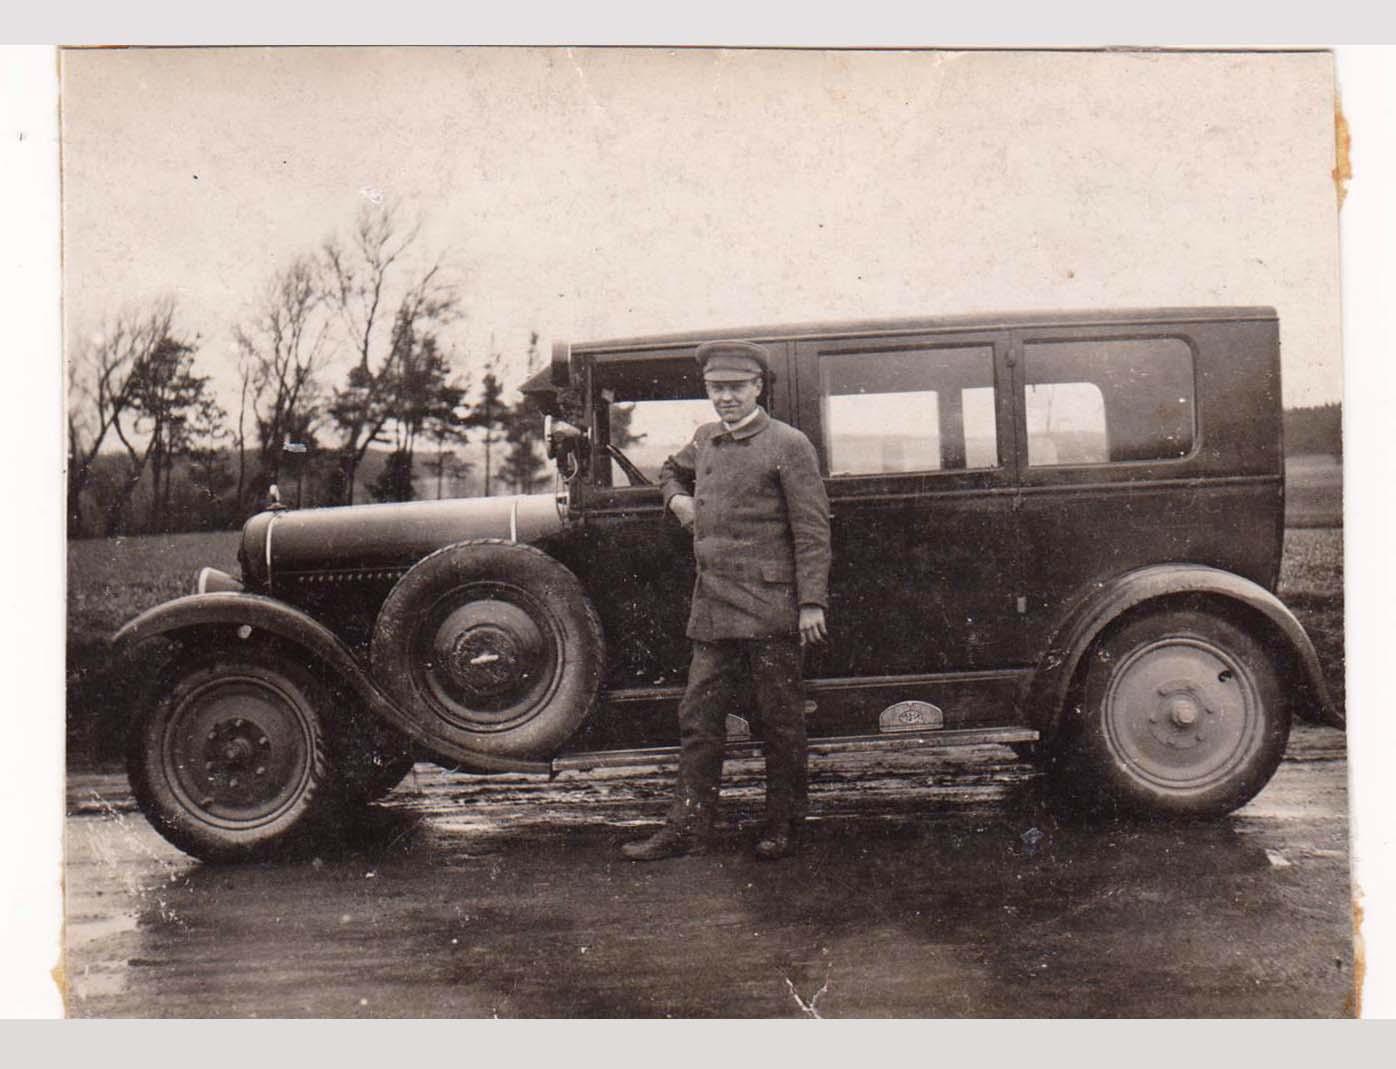 1919 Erwarb Der Fabrikant Wilhelm Schaller Aus Fürth Ein Kleines Sägewerk  Mit Eigener Energieversorgung In Ebrach/Steigerwald, Das Die Firma In Fürth  Mit ...